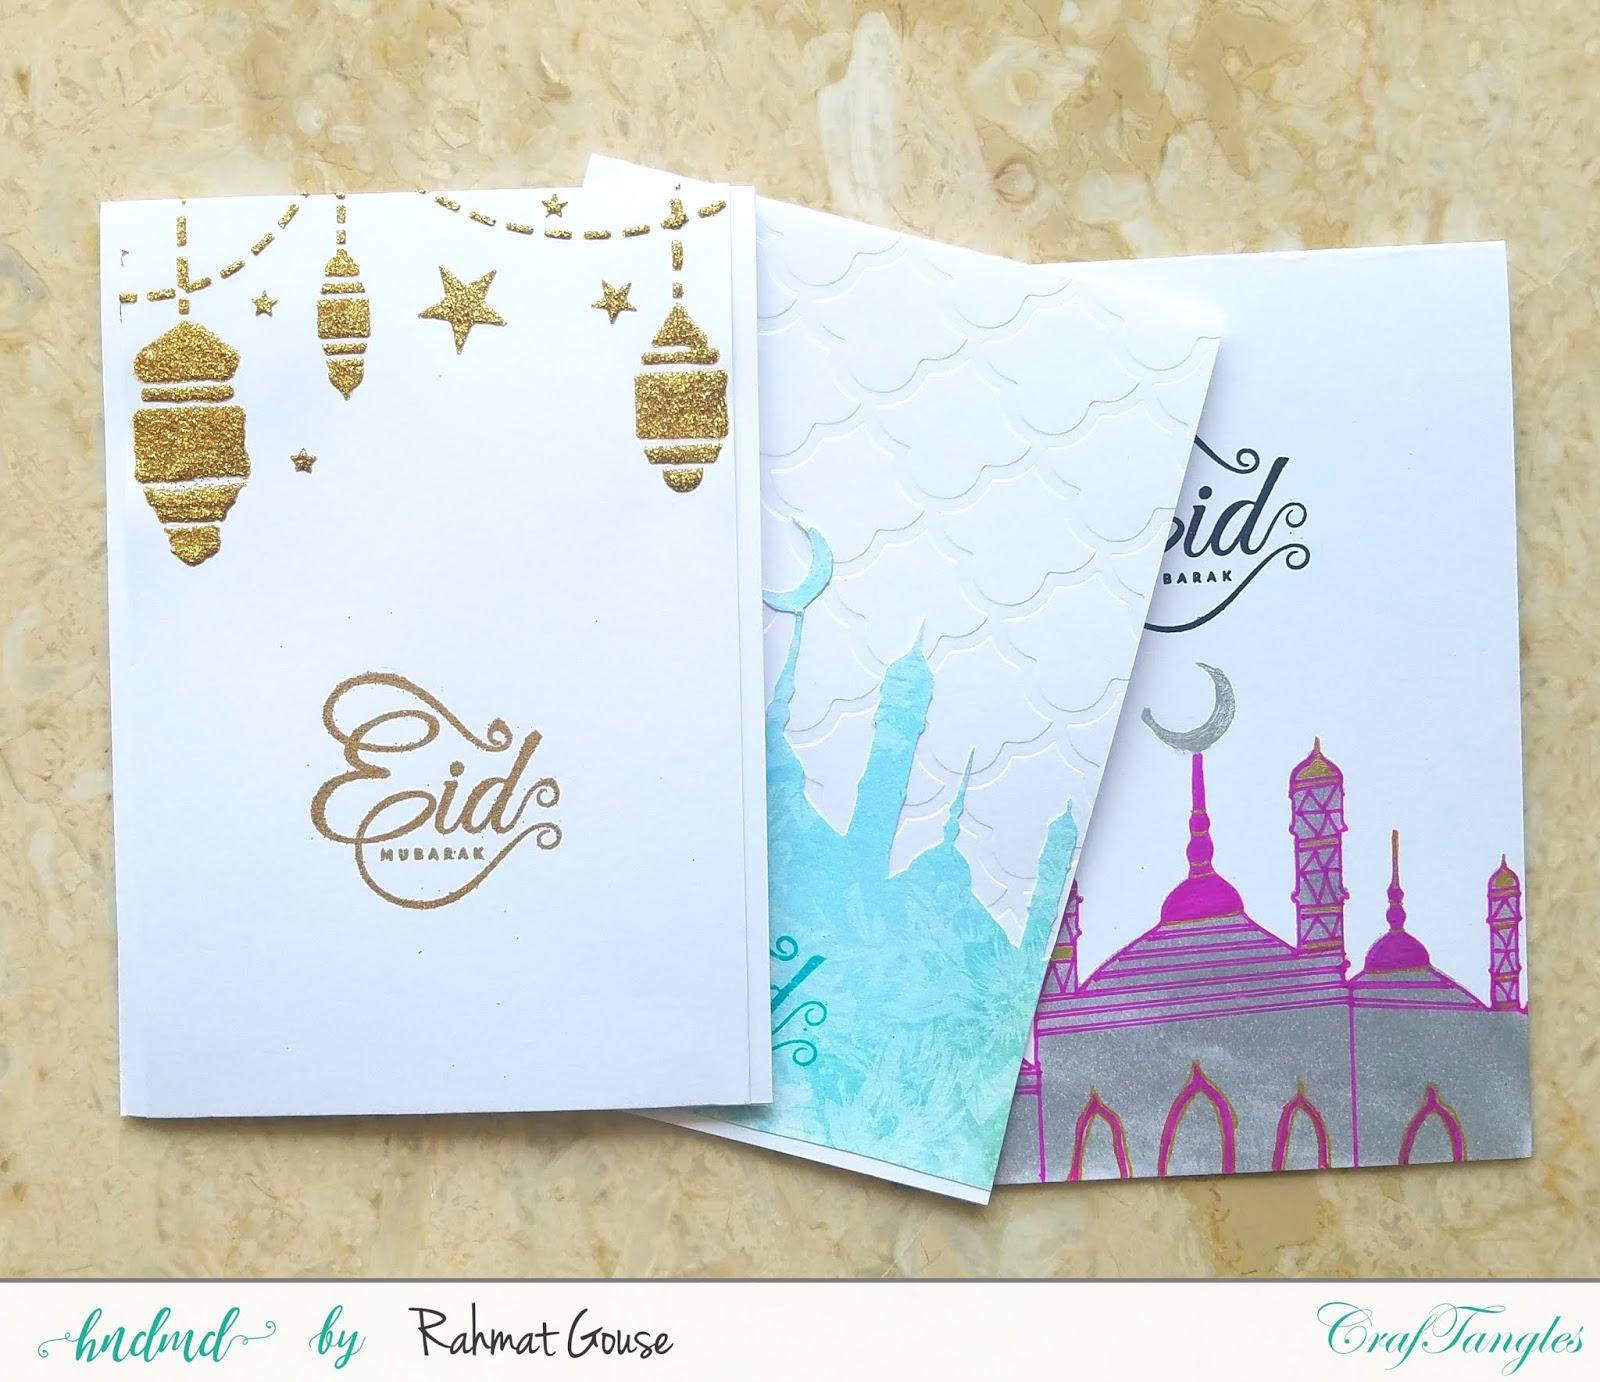 Eid Mubarak - Rahmat 7